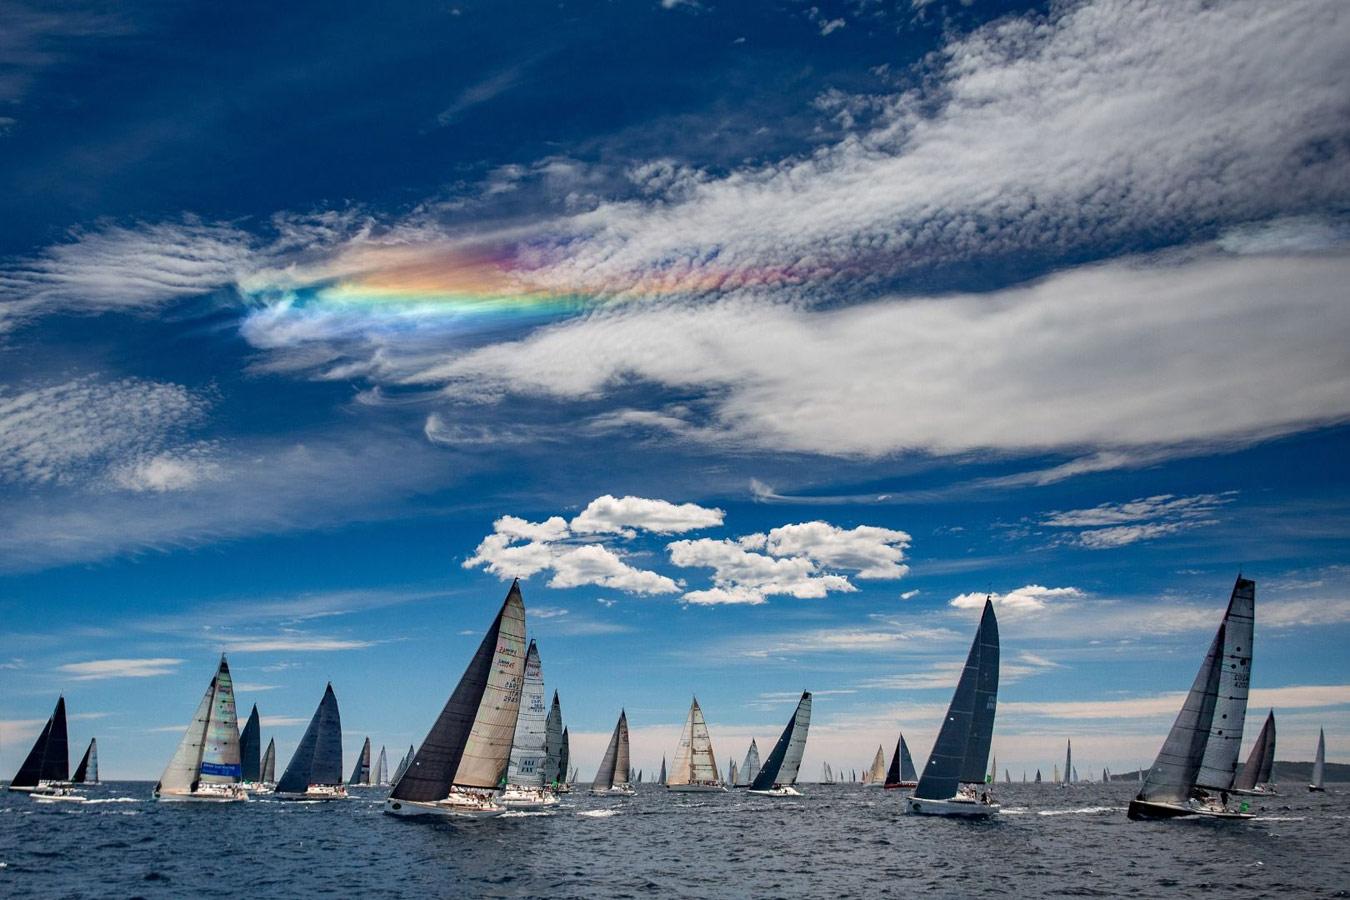 Чудо, © Георгий Акимов, Фотоконкурс «Погодный фотограф года» — Weather Photographer of the Year